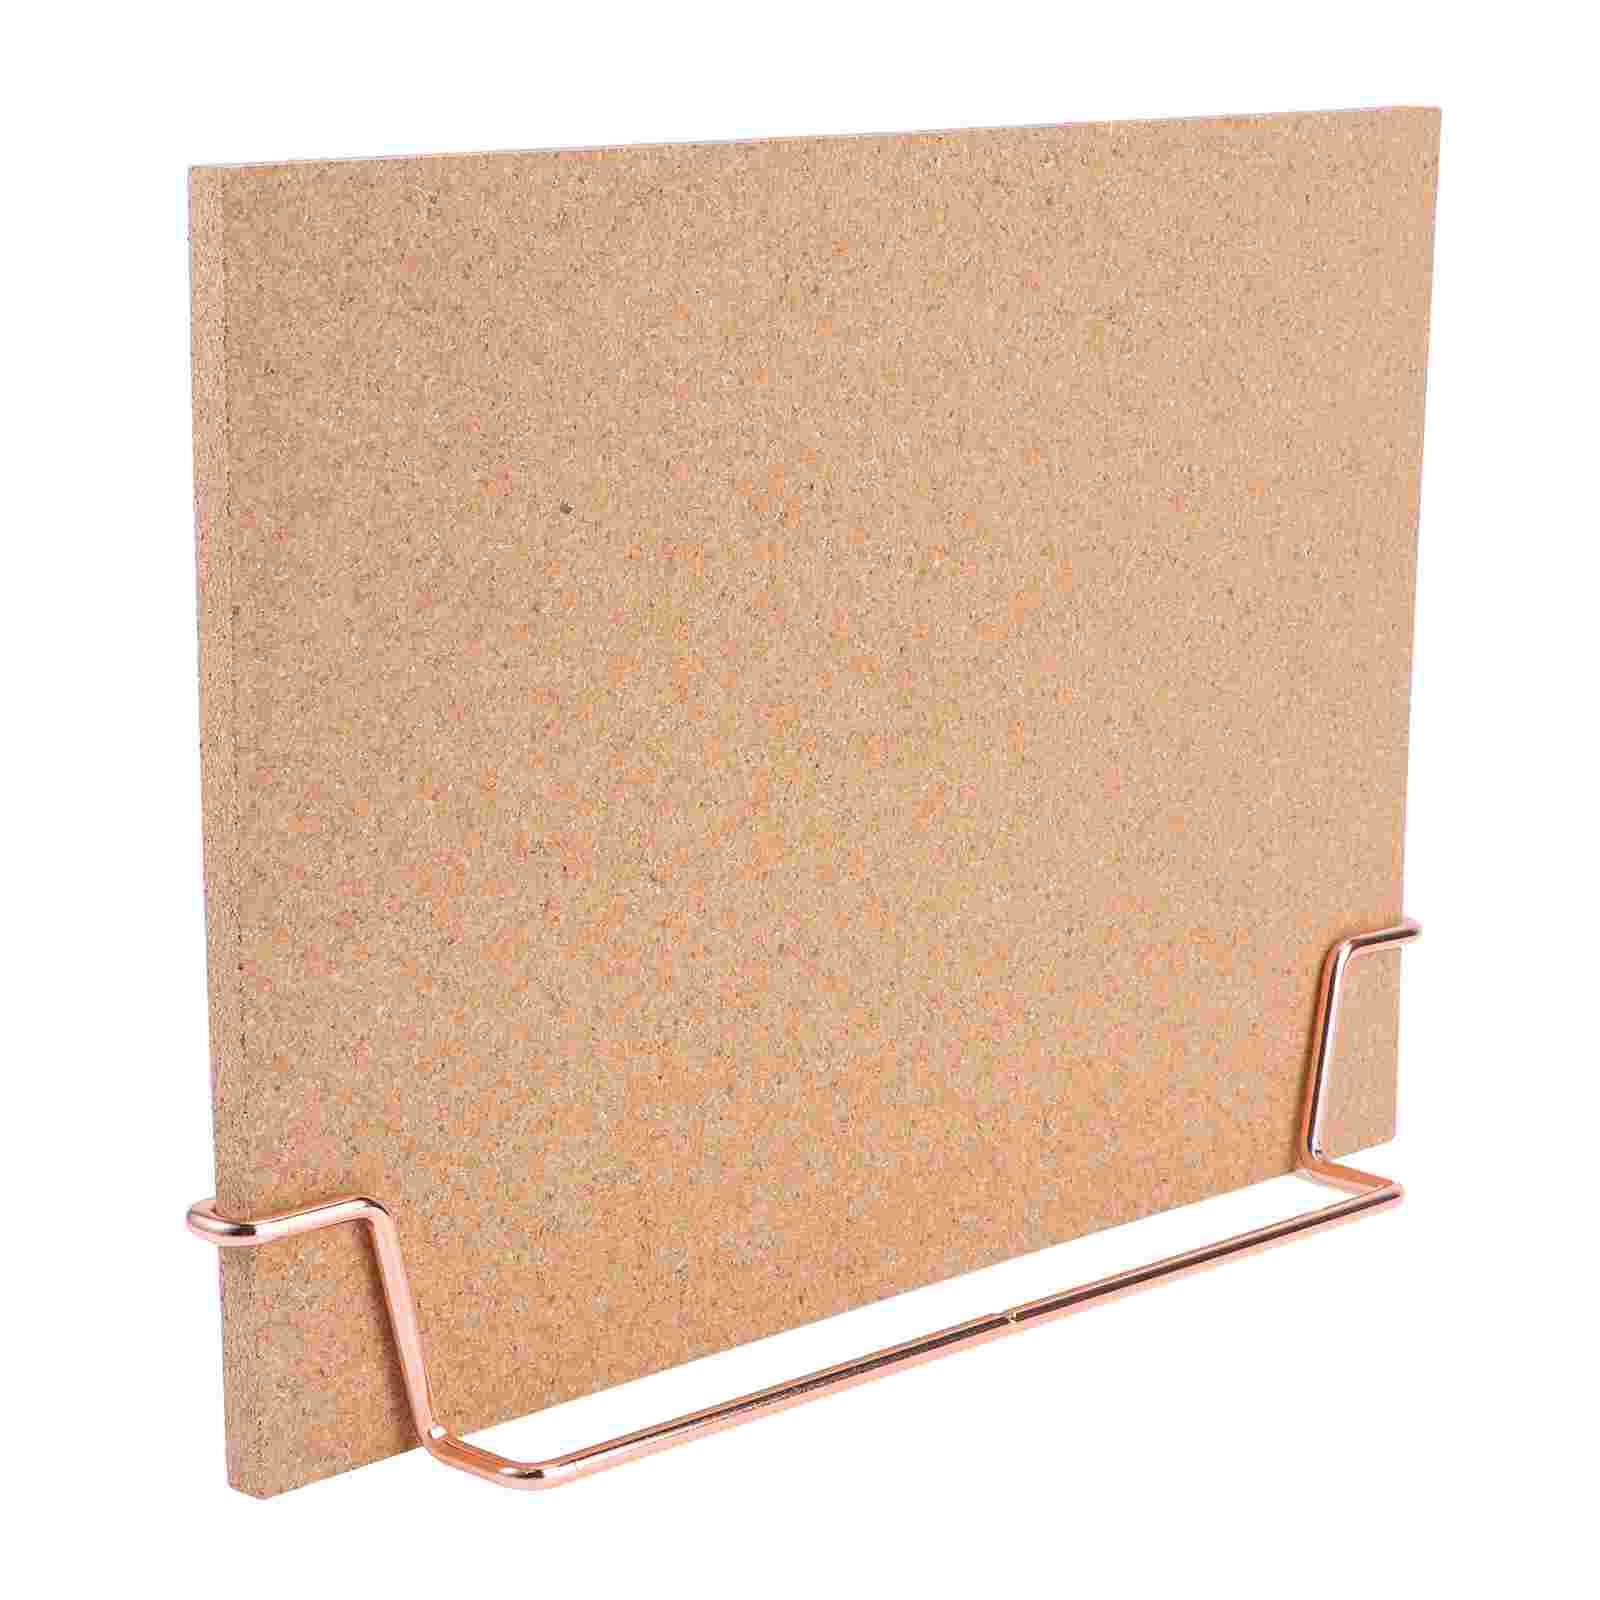 Пробковая доска, доска для объявлений, доски для объявлений, деревянная доска для записей, доска для объявлений для дома и офиса (розовое зол...